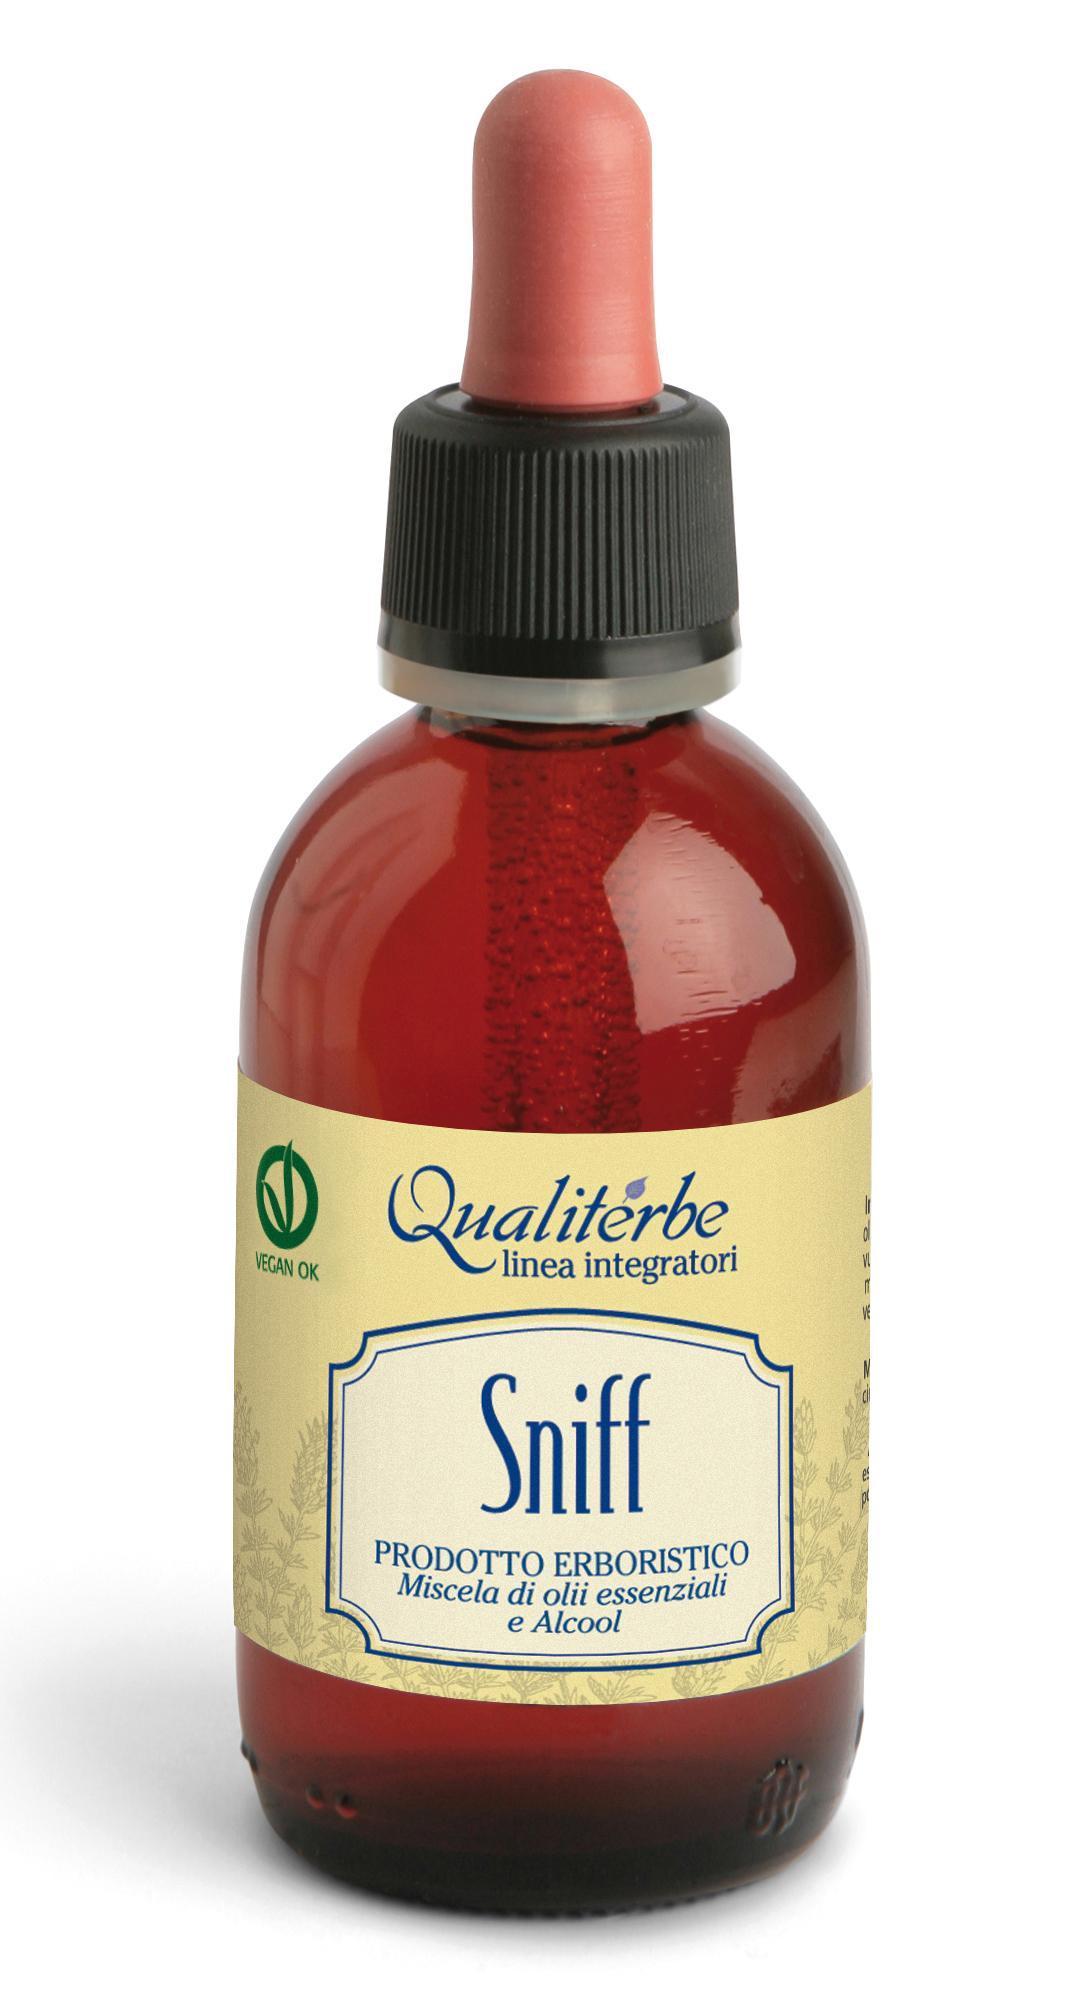 Sniff (Fumenti e aereosol)